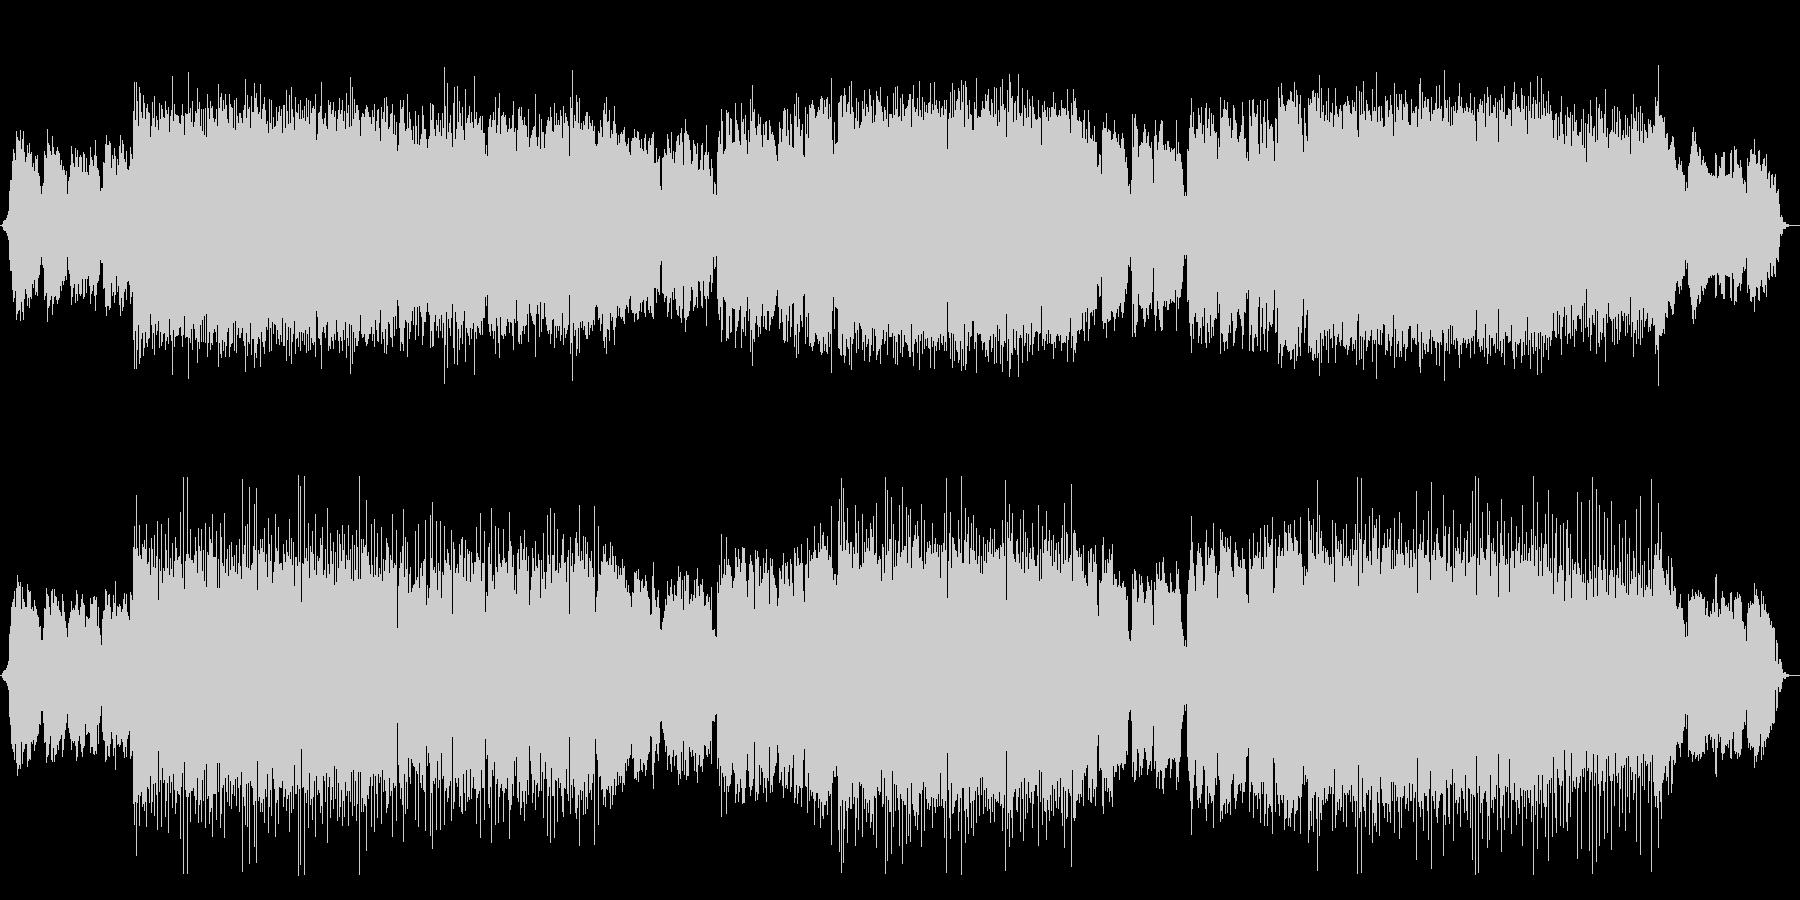 Japanese style house EDM Japanese shakuhachi performance's unreproduced waveform